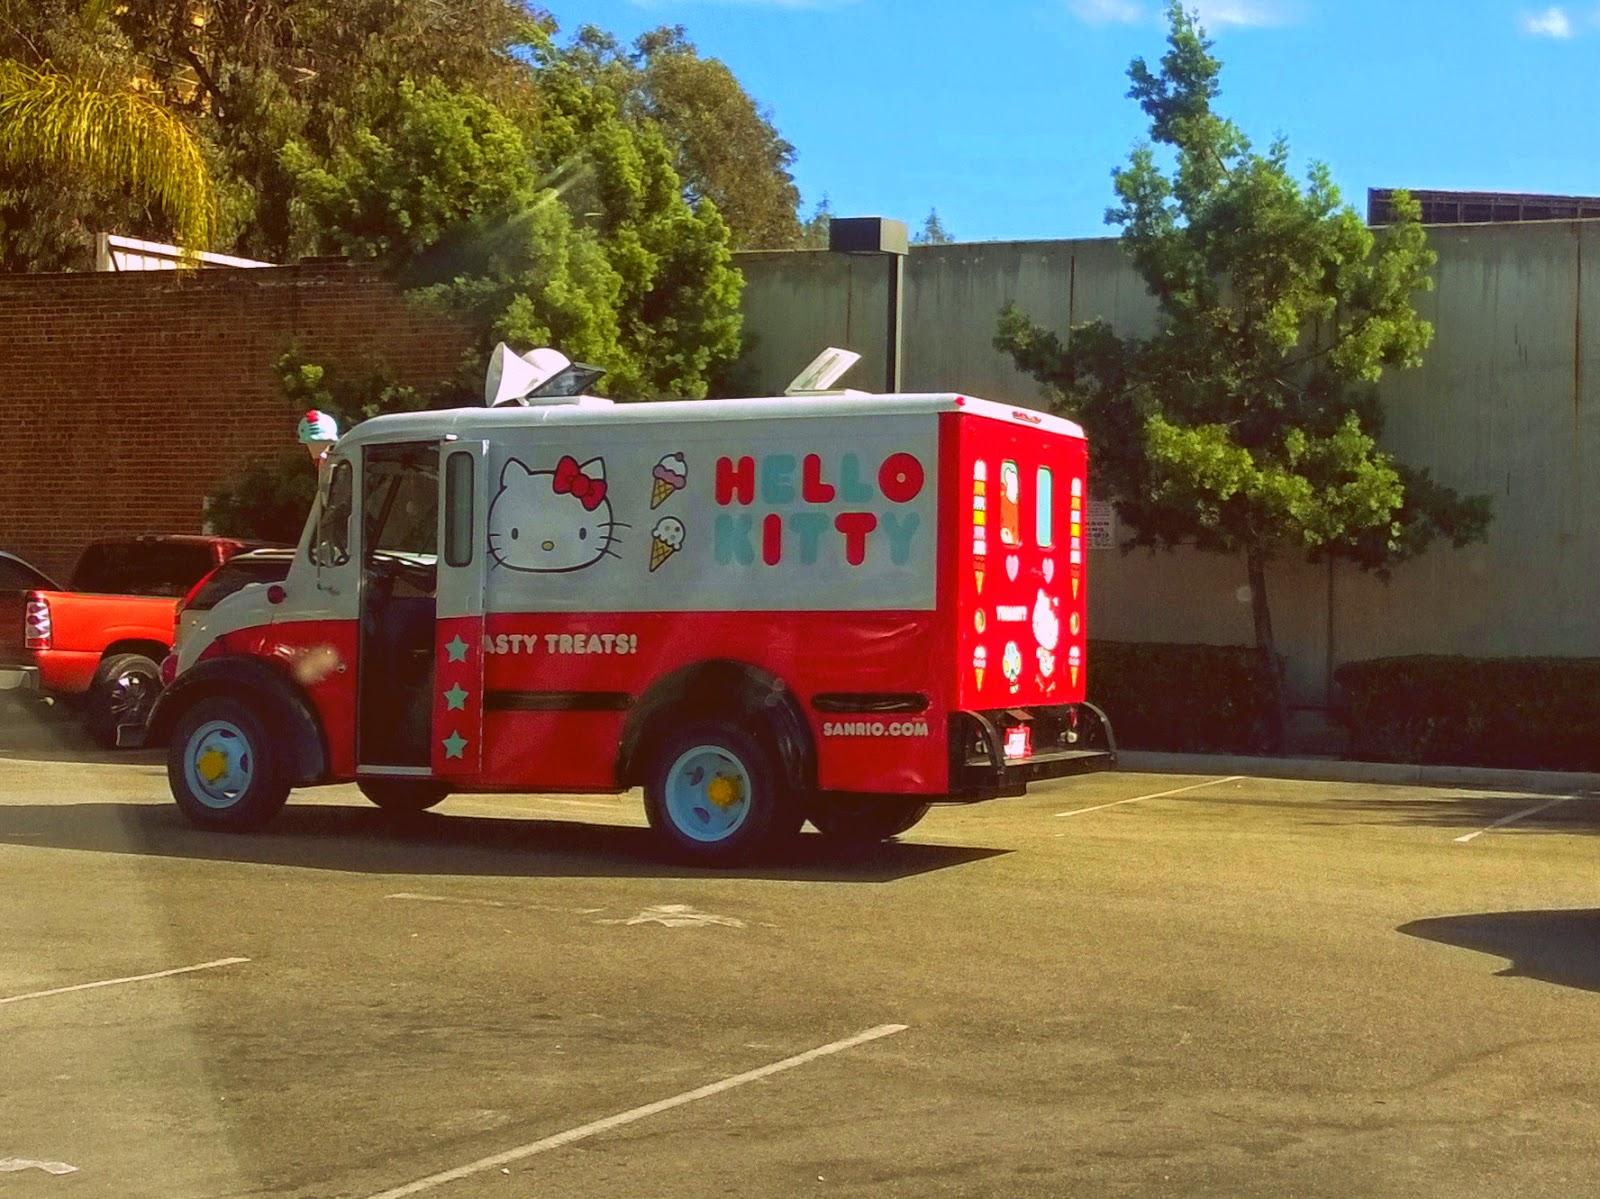 Hello Kitty ice cream truck